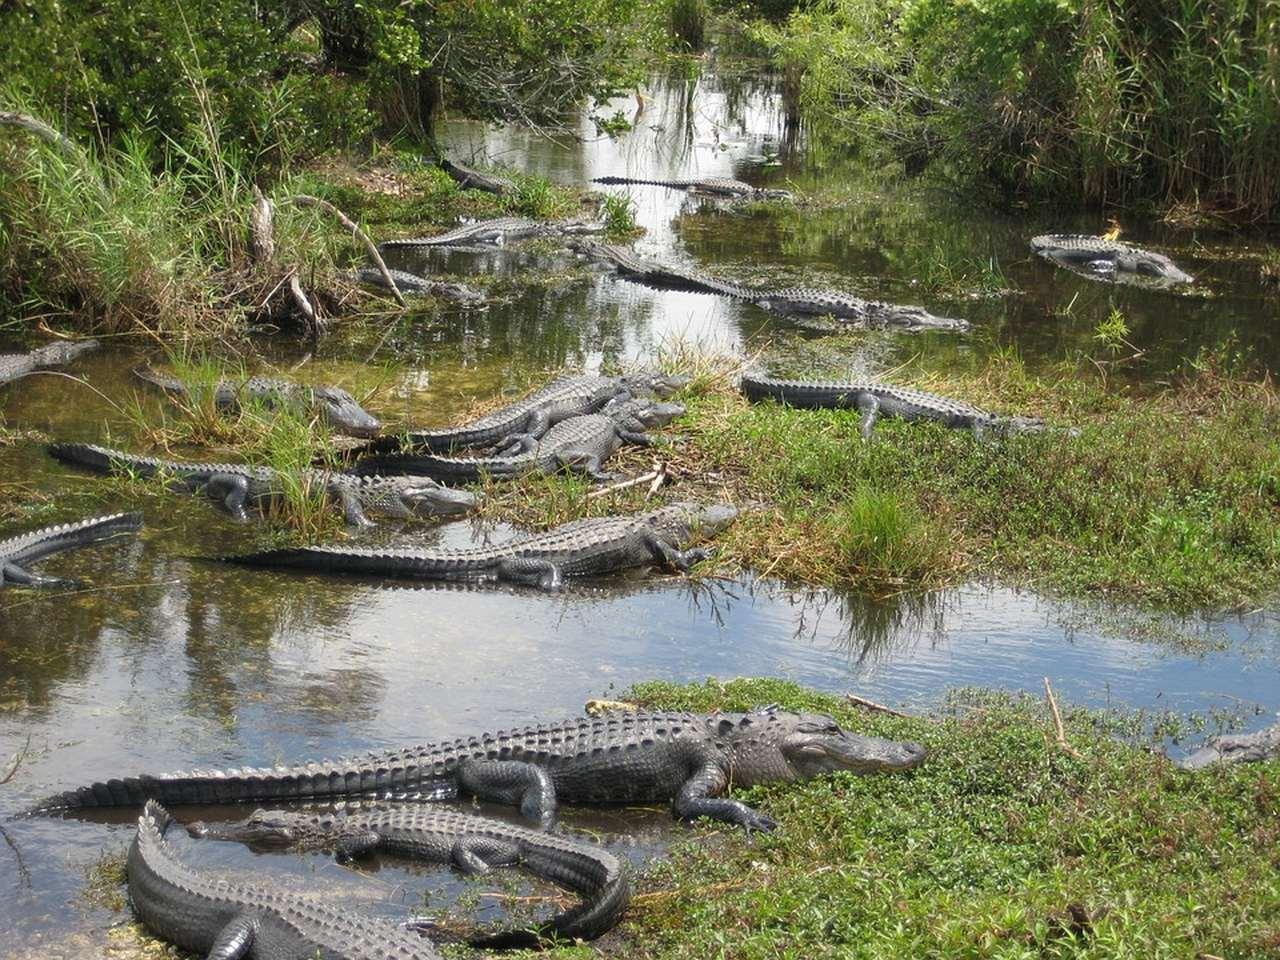 Florida Miami cocodrilos